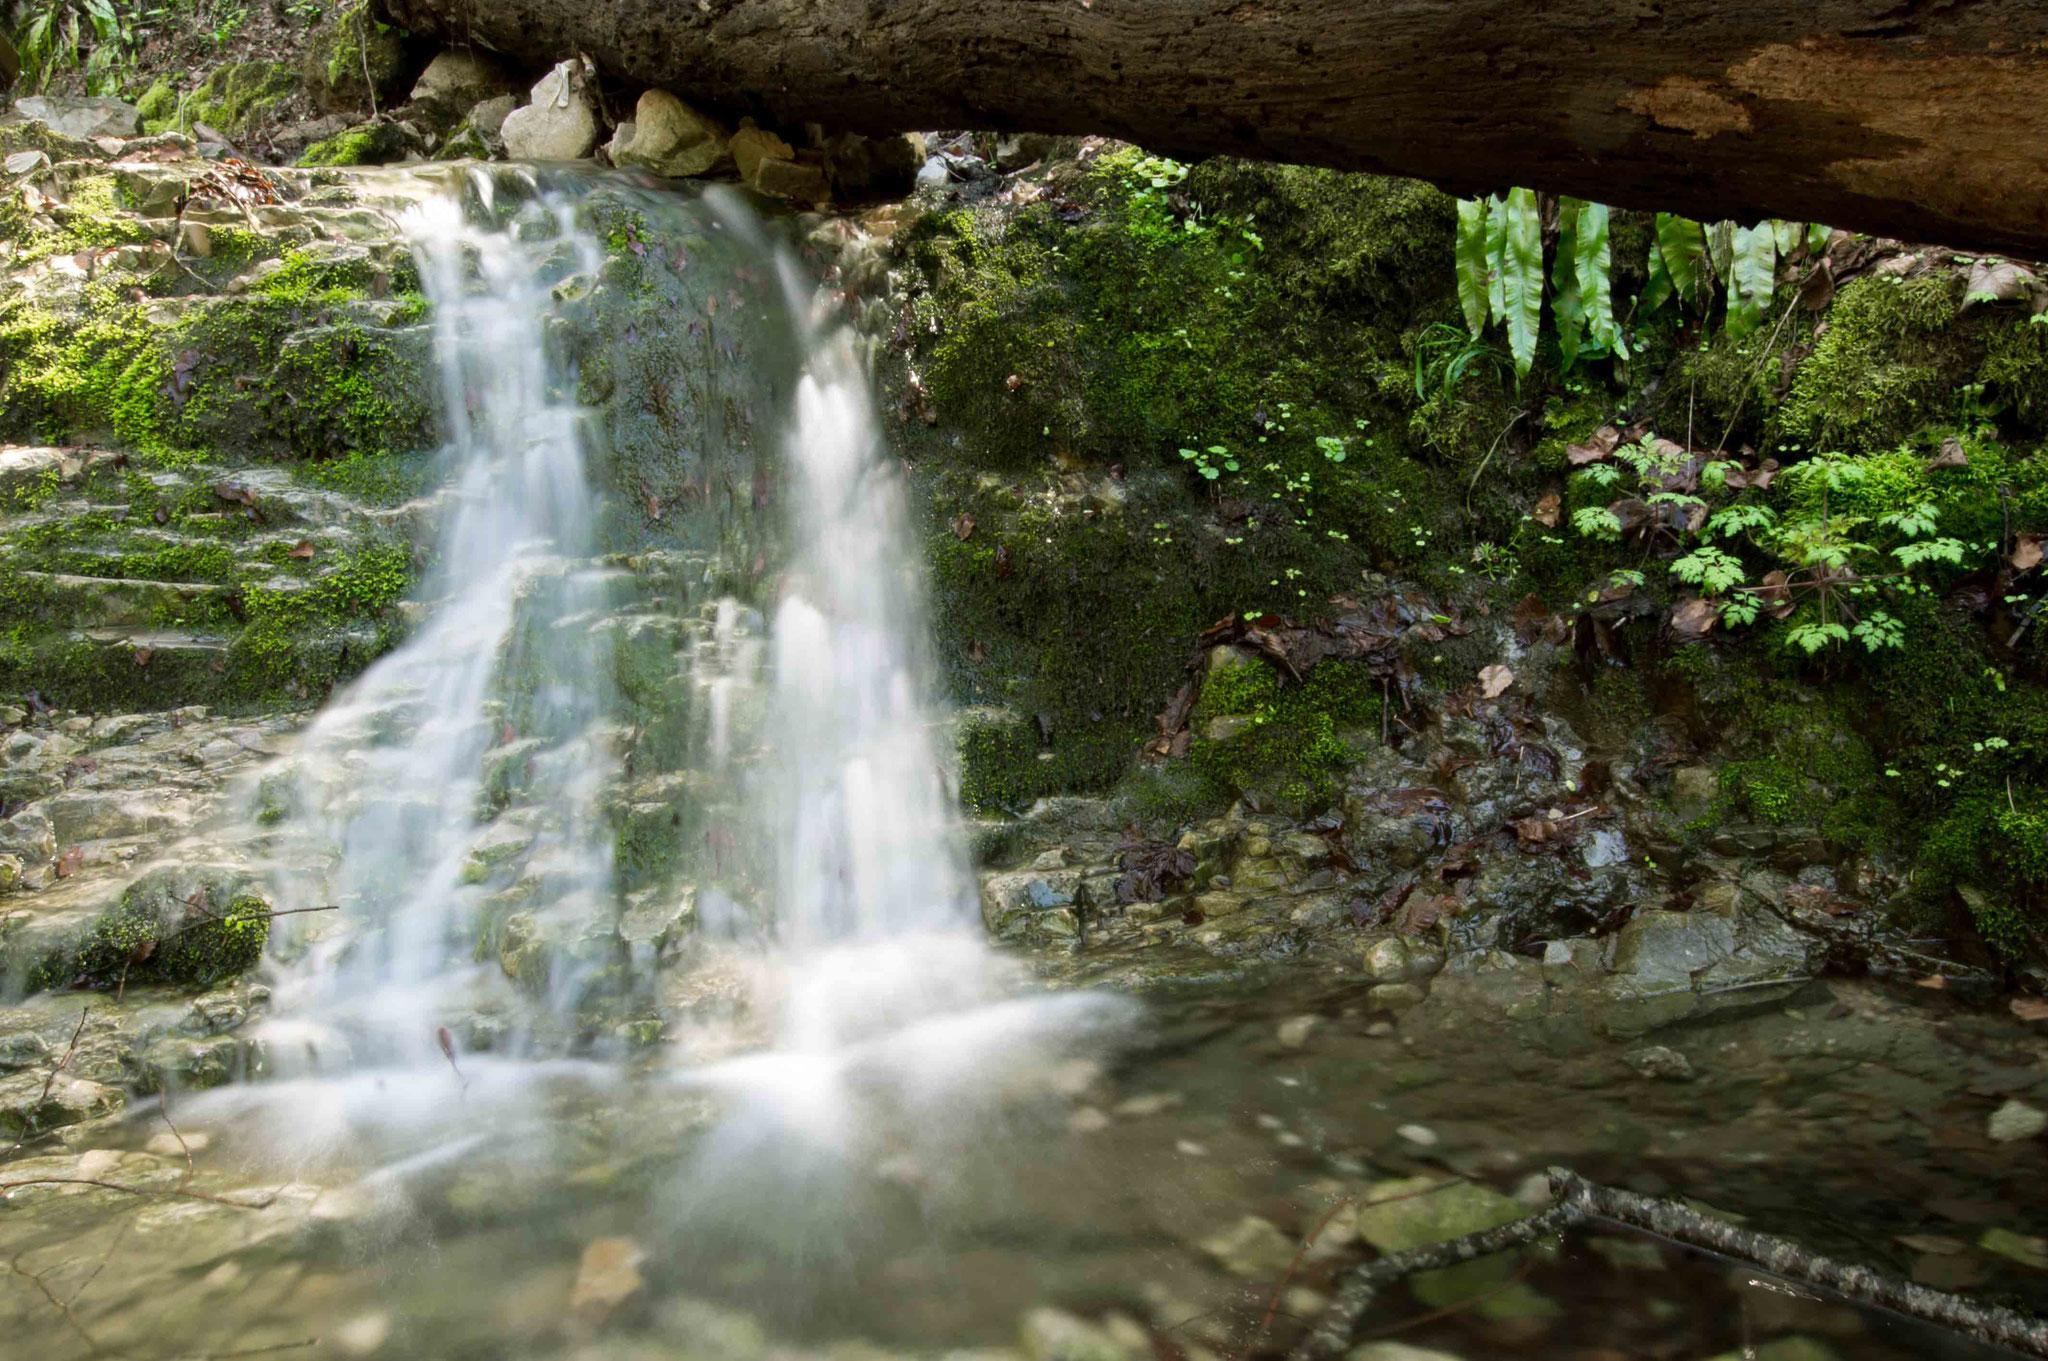 Wasserfall in der Wolfschlucht; Rulamanweg